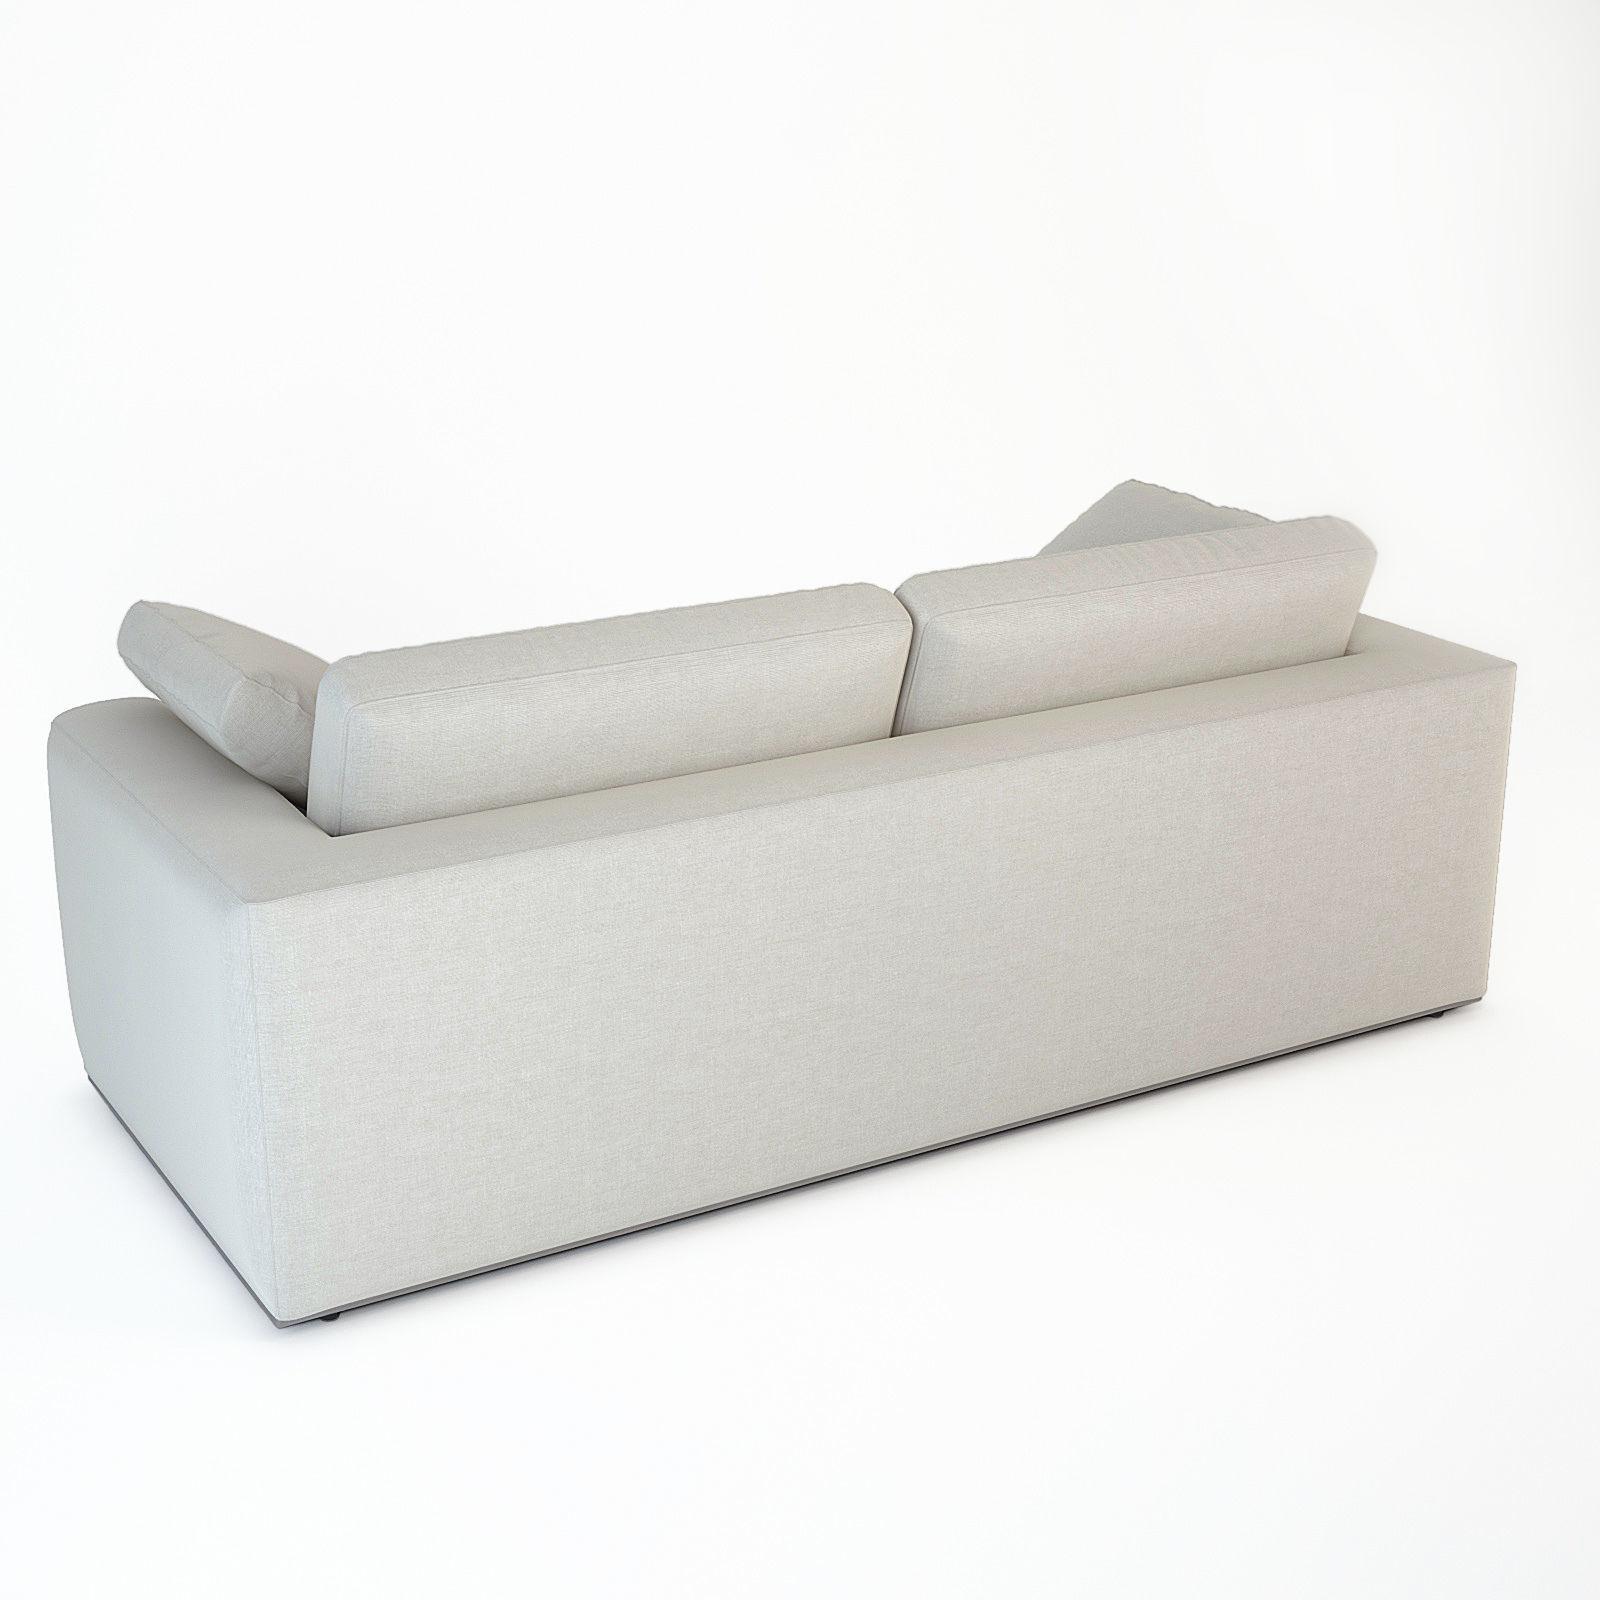 ... Eichholtz Sofa Atlanta 3d Model Max Obj Mtl Fbx 4 ...